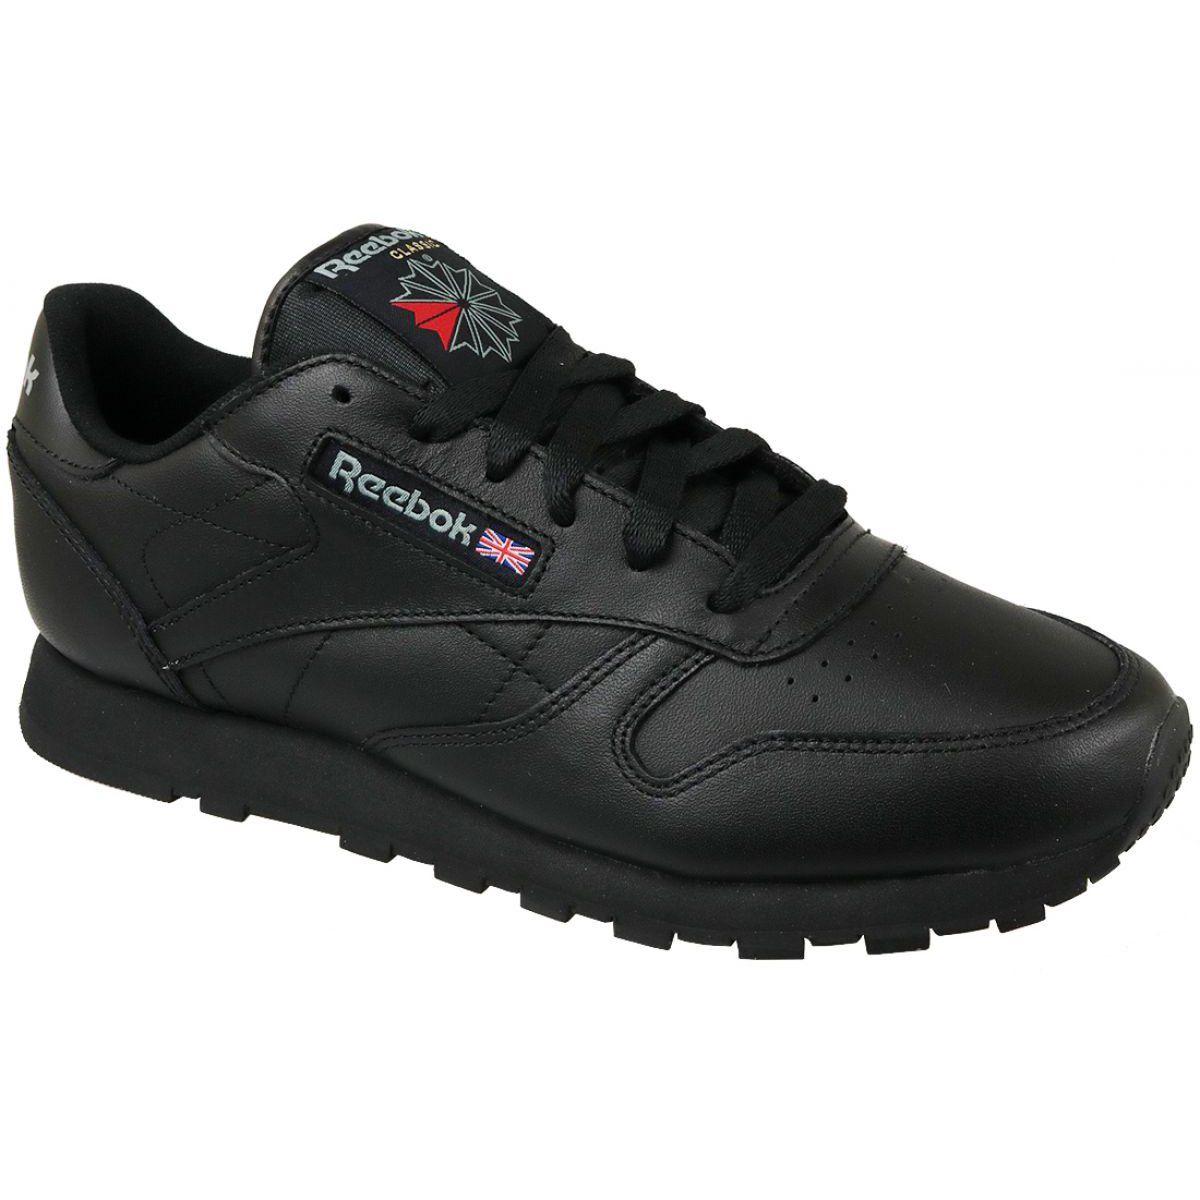 Buty Reebok Classic Leather W 3912 Czarne Reebok Classic Sport Shoes Women Black Shoes